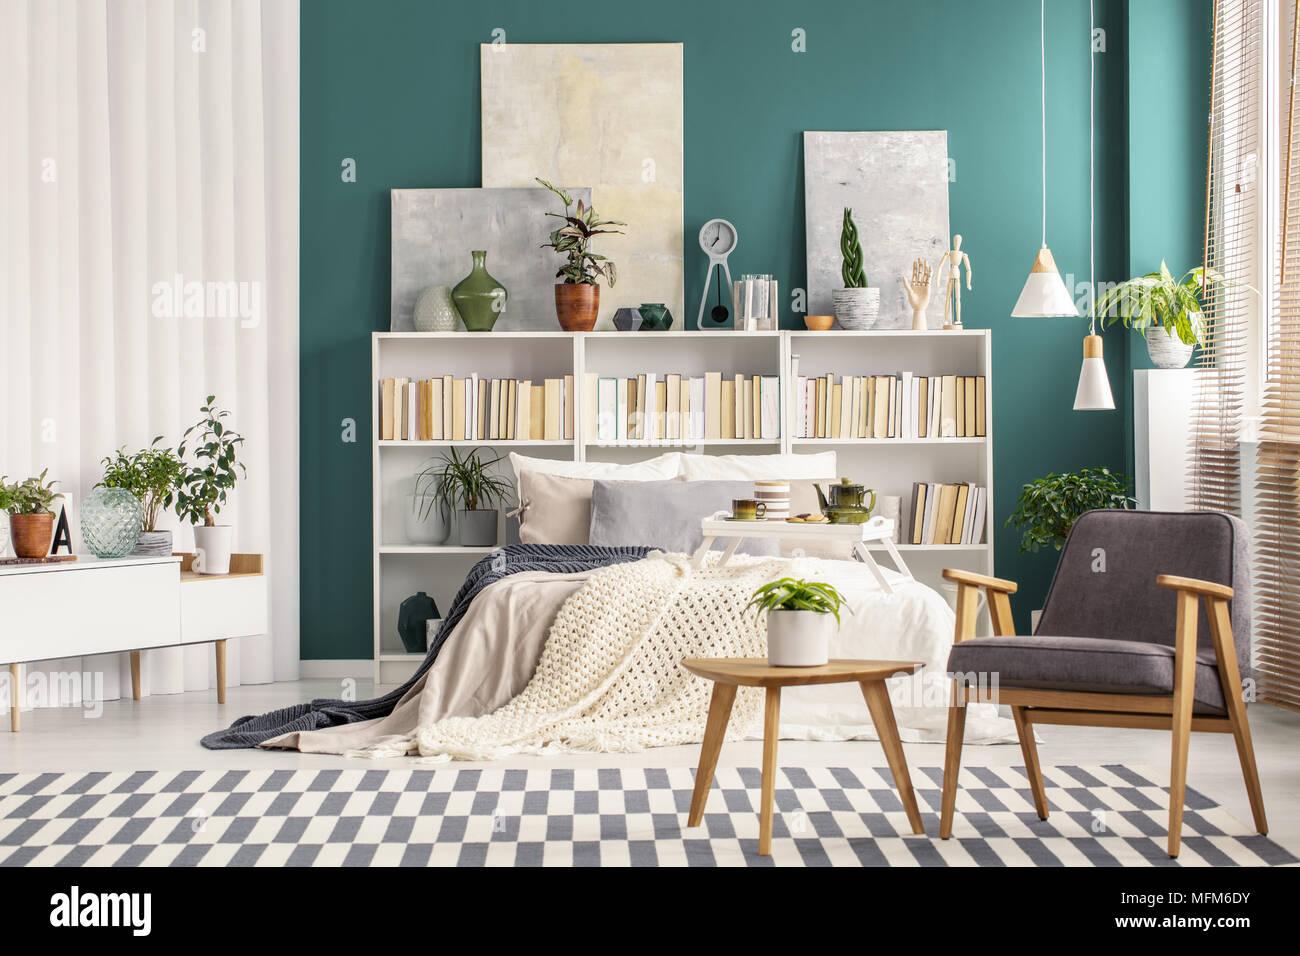 Camera Da Letto Verde Smeraldo : Grigio retrò poltrona accanto a un tavolo da caffè in legno nella